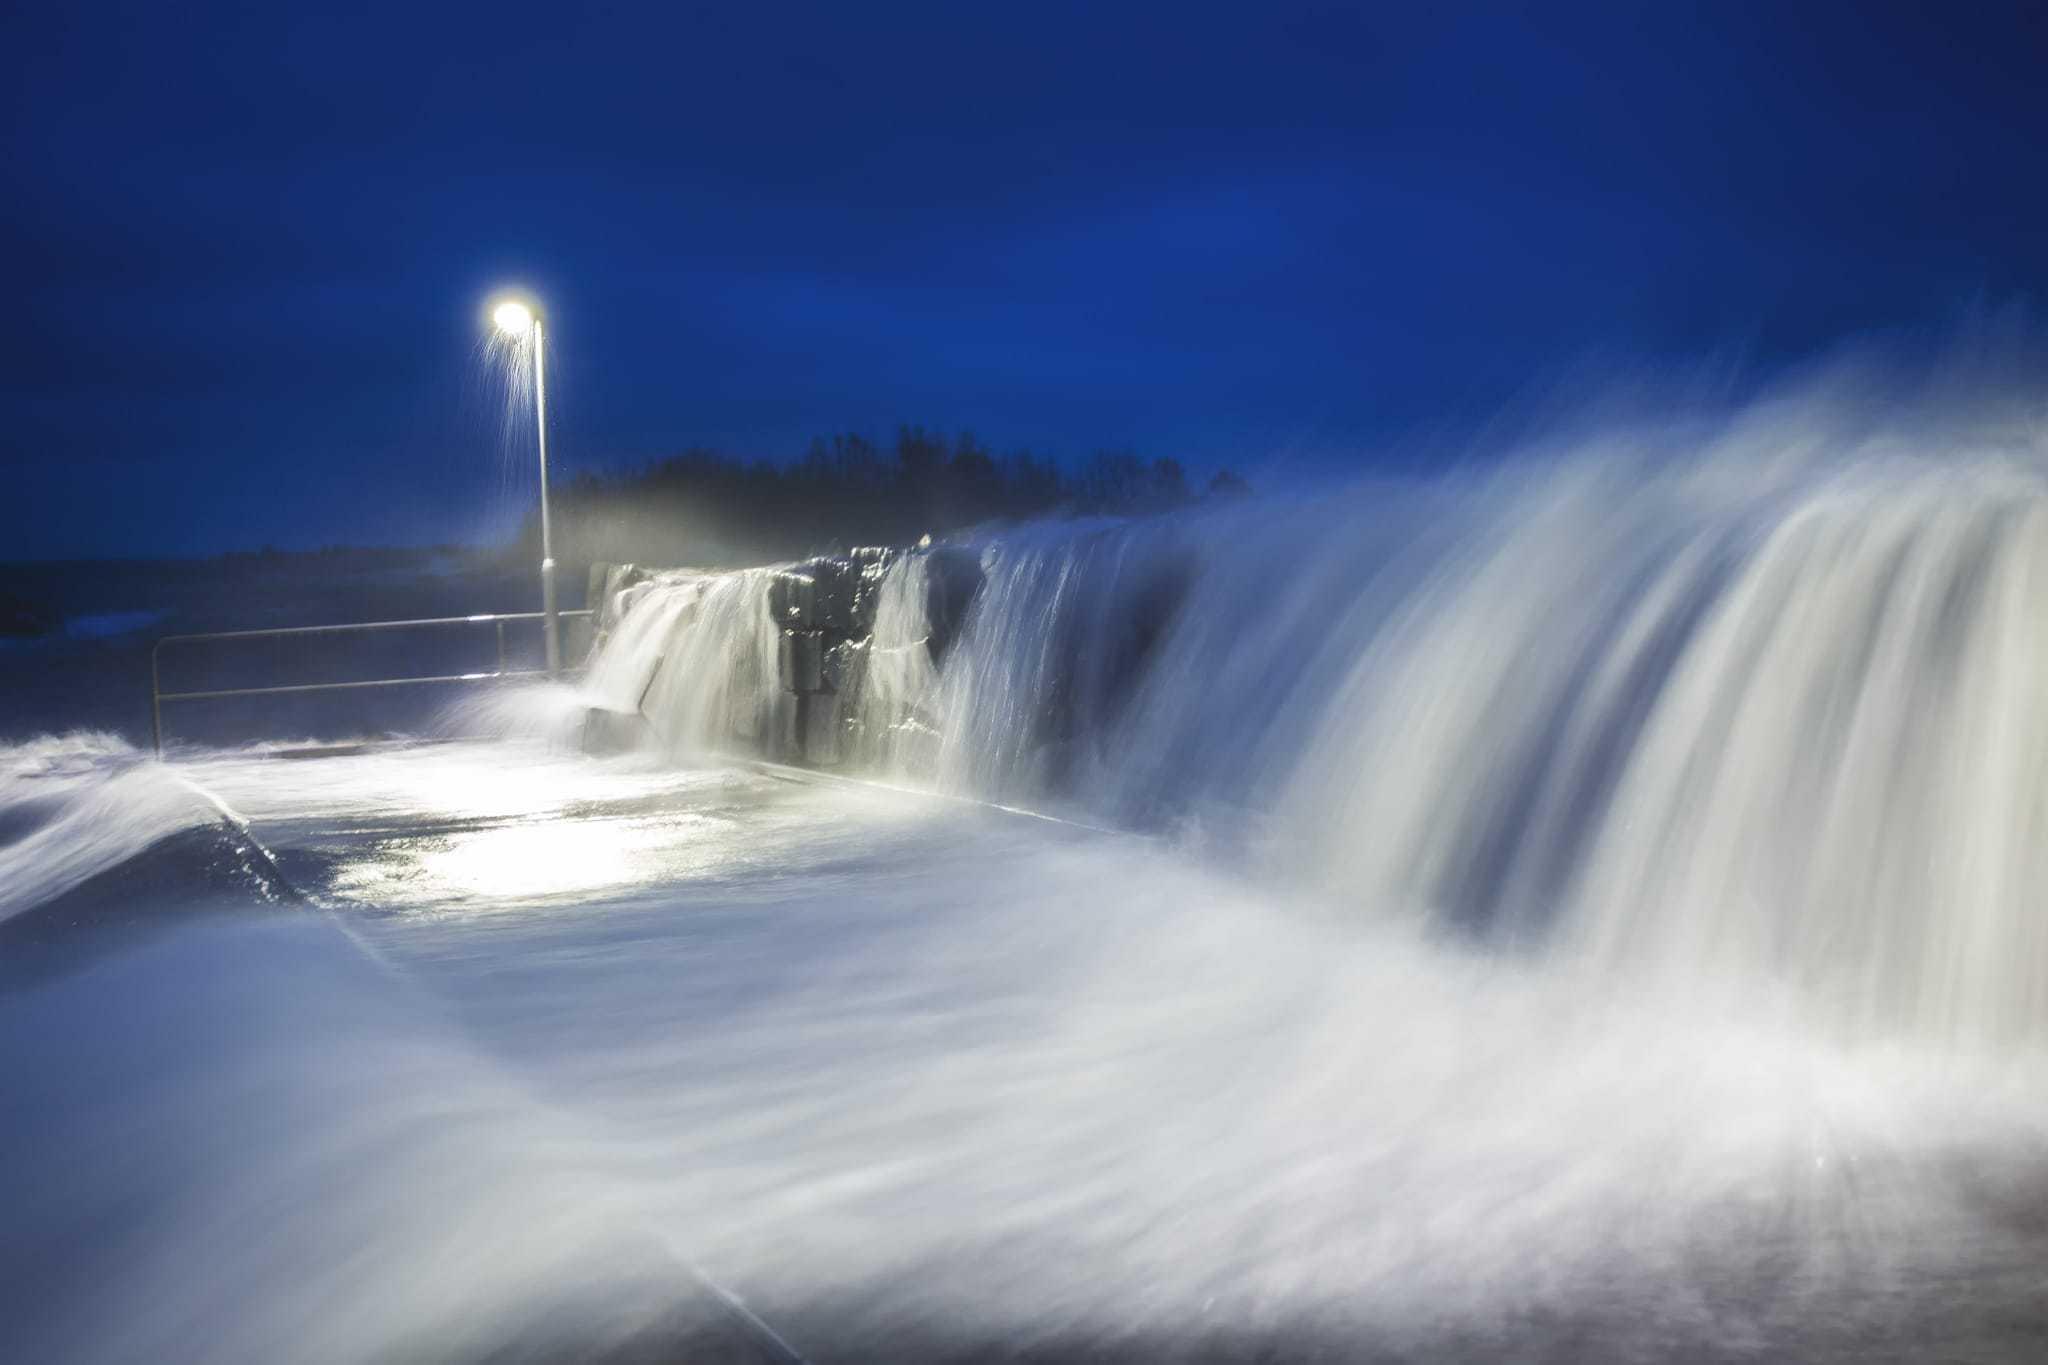 Vågbrytaren vid Väggahamnen översköljs av höga vågor - Ludwig Sörmlind